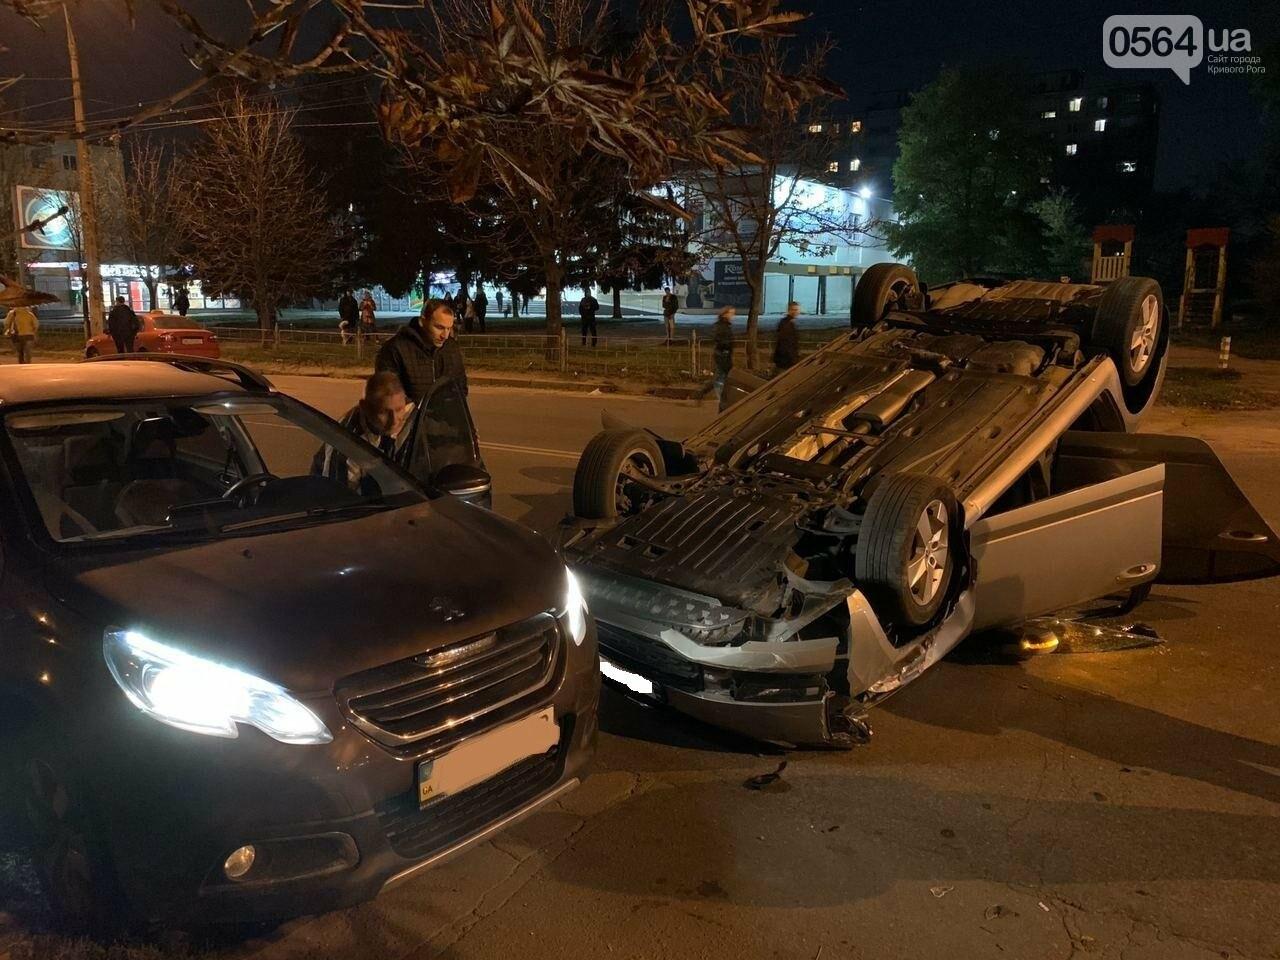 """В Кривом Роге """"Skoda"""" влетела в припаркованный автомобиль """"Peugeot"""" и перевернулась на крышу, - ФОТО, ИСПРАВЛЕНО, фото-9"""